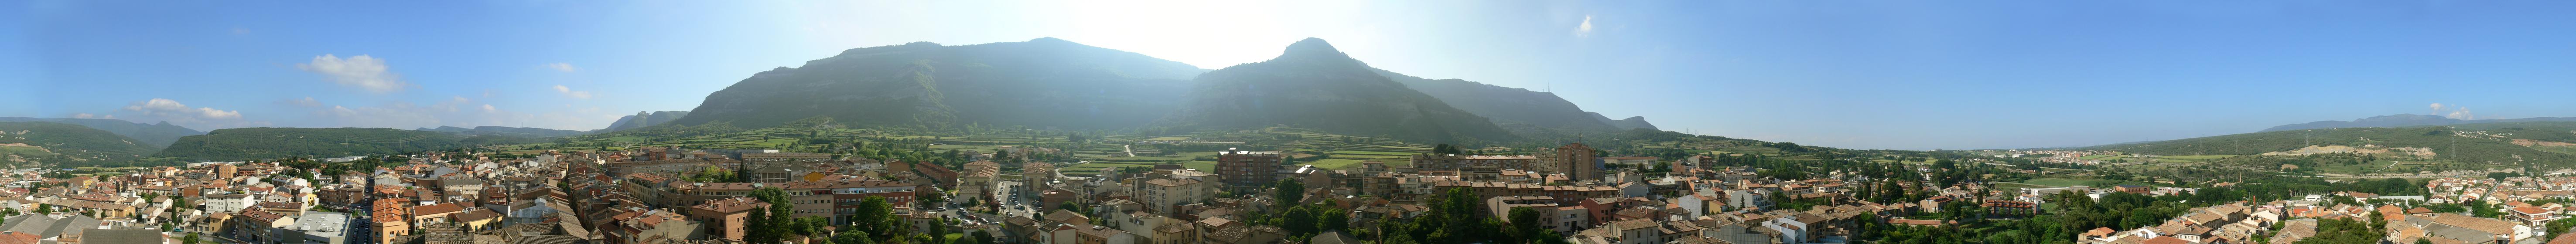 Vista 360 des de la Parròquia de Centelles